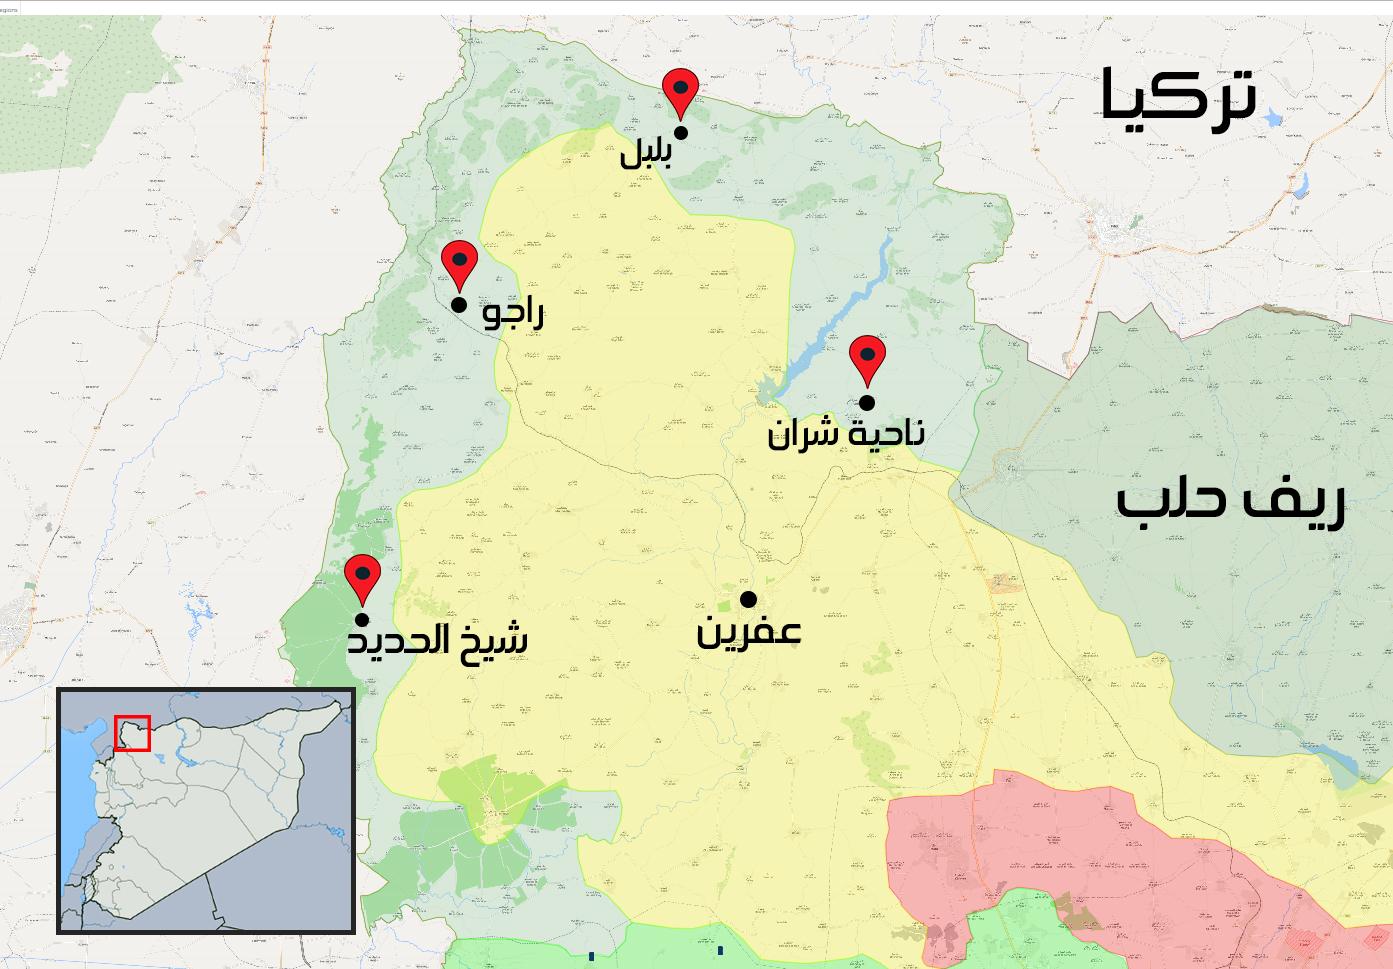 خريطة توضح مواقع النواحي الأربعة التي سيطرت عليها فصائل الجيش الحر - 6 آذار 2018 (تعديل عنب بلدي)